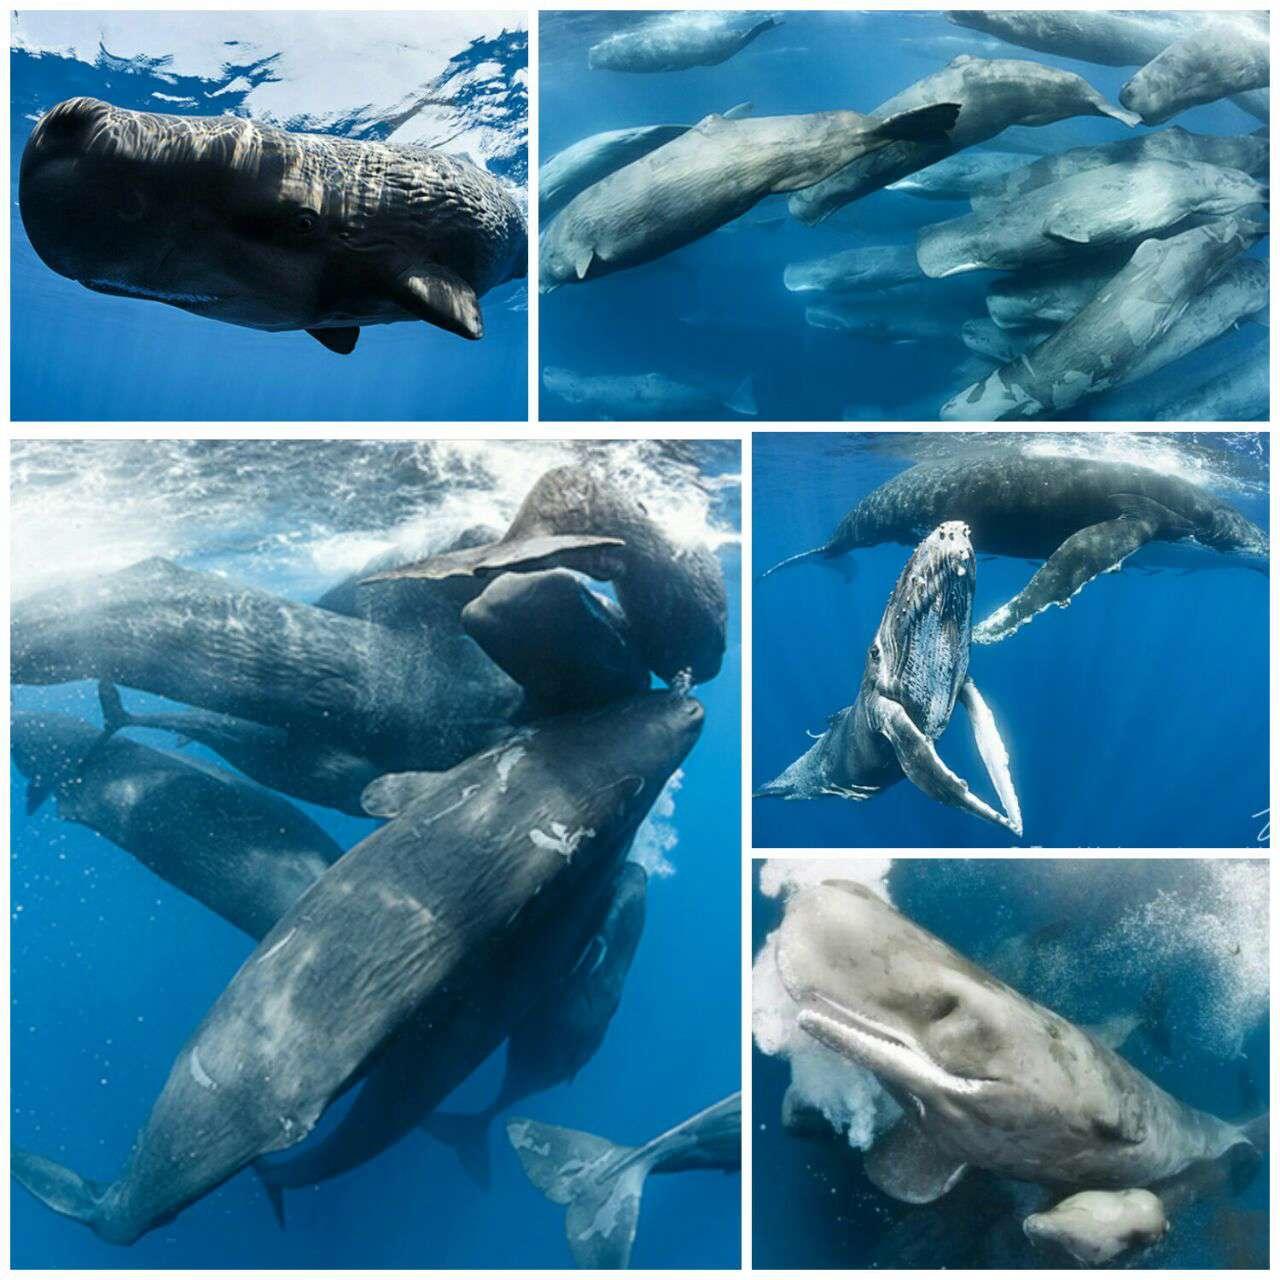 جمع شدن نهنگها در اقیانوس هند